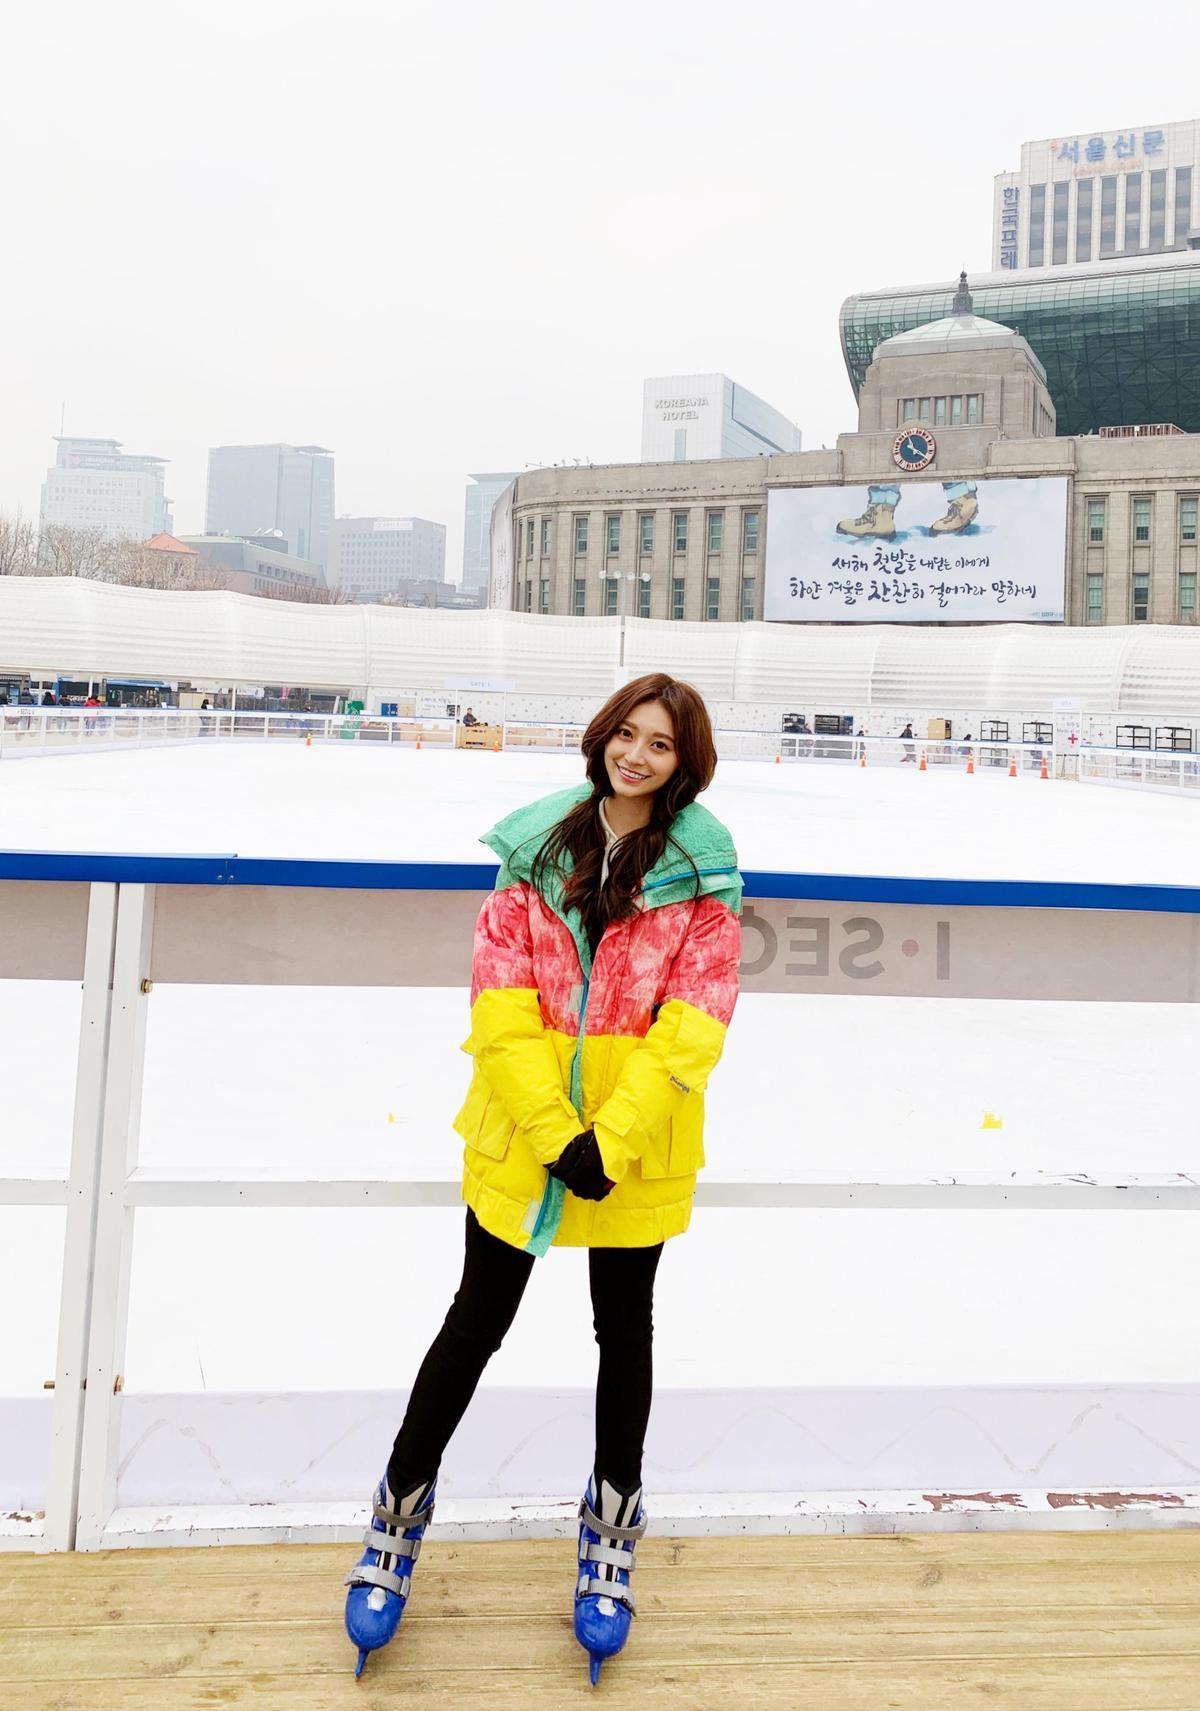 小鈅在等待時,因怕冷而跳來跳去暖身,仍凍到嘴唇發白。(WEBTVASIA Taiwan提供)